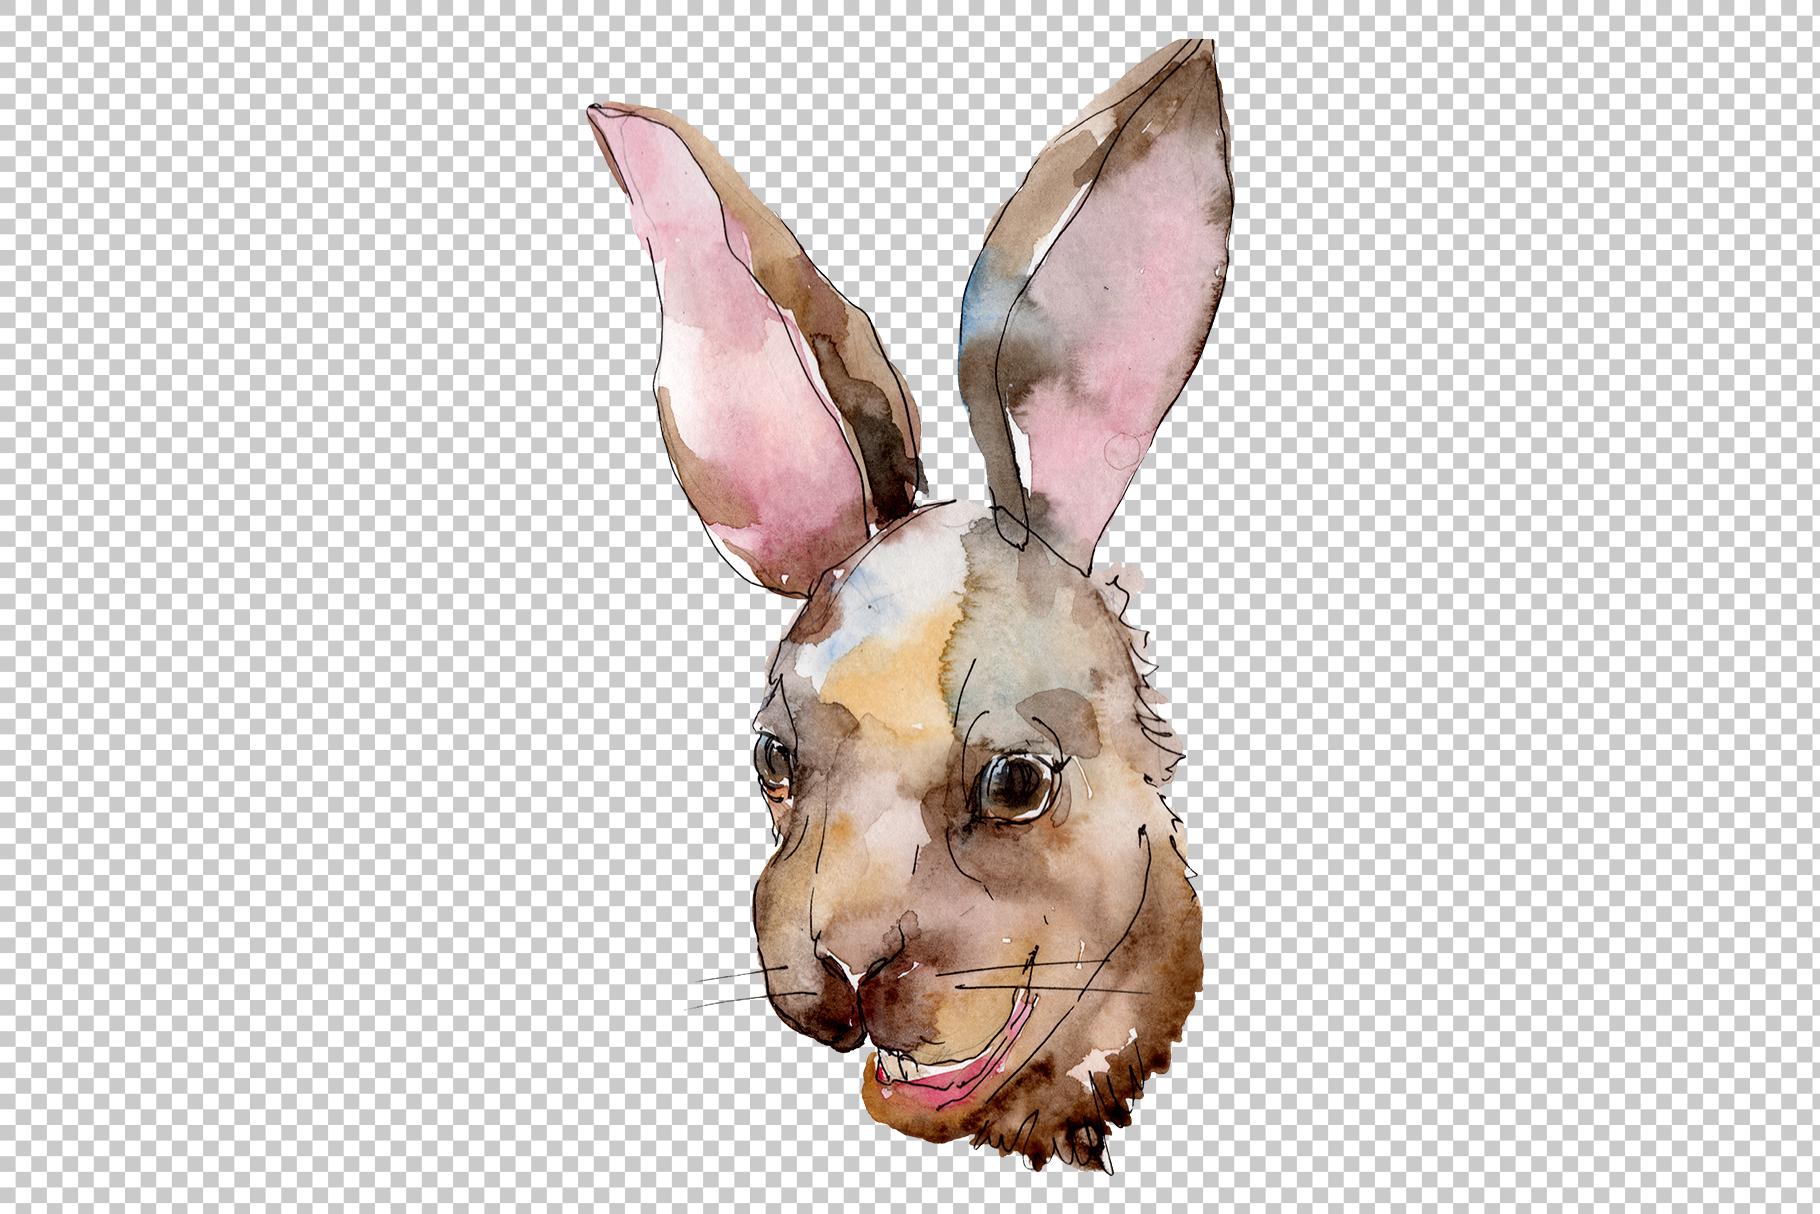 Farm animals rabbit head Watercolor png.